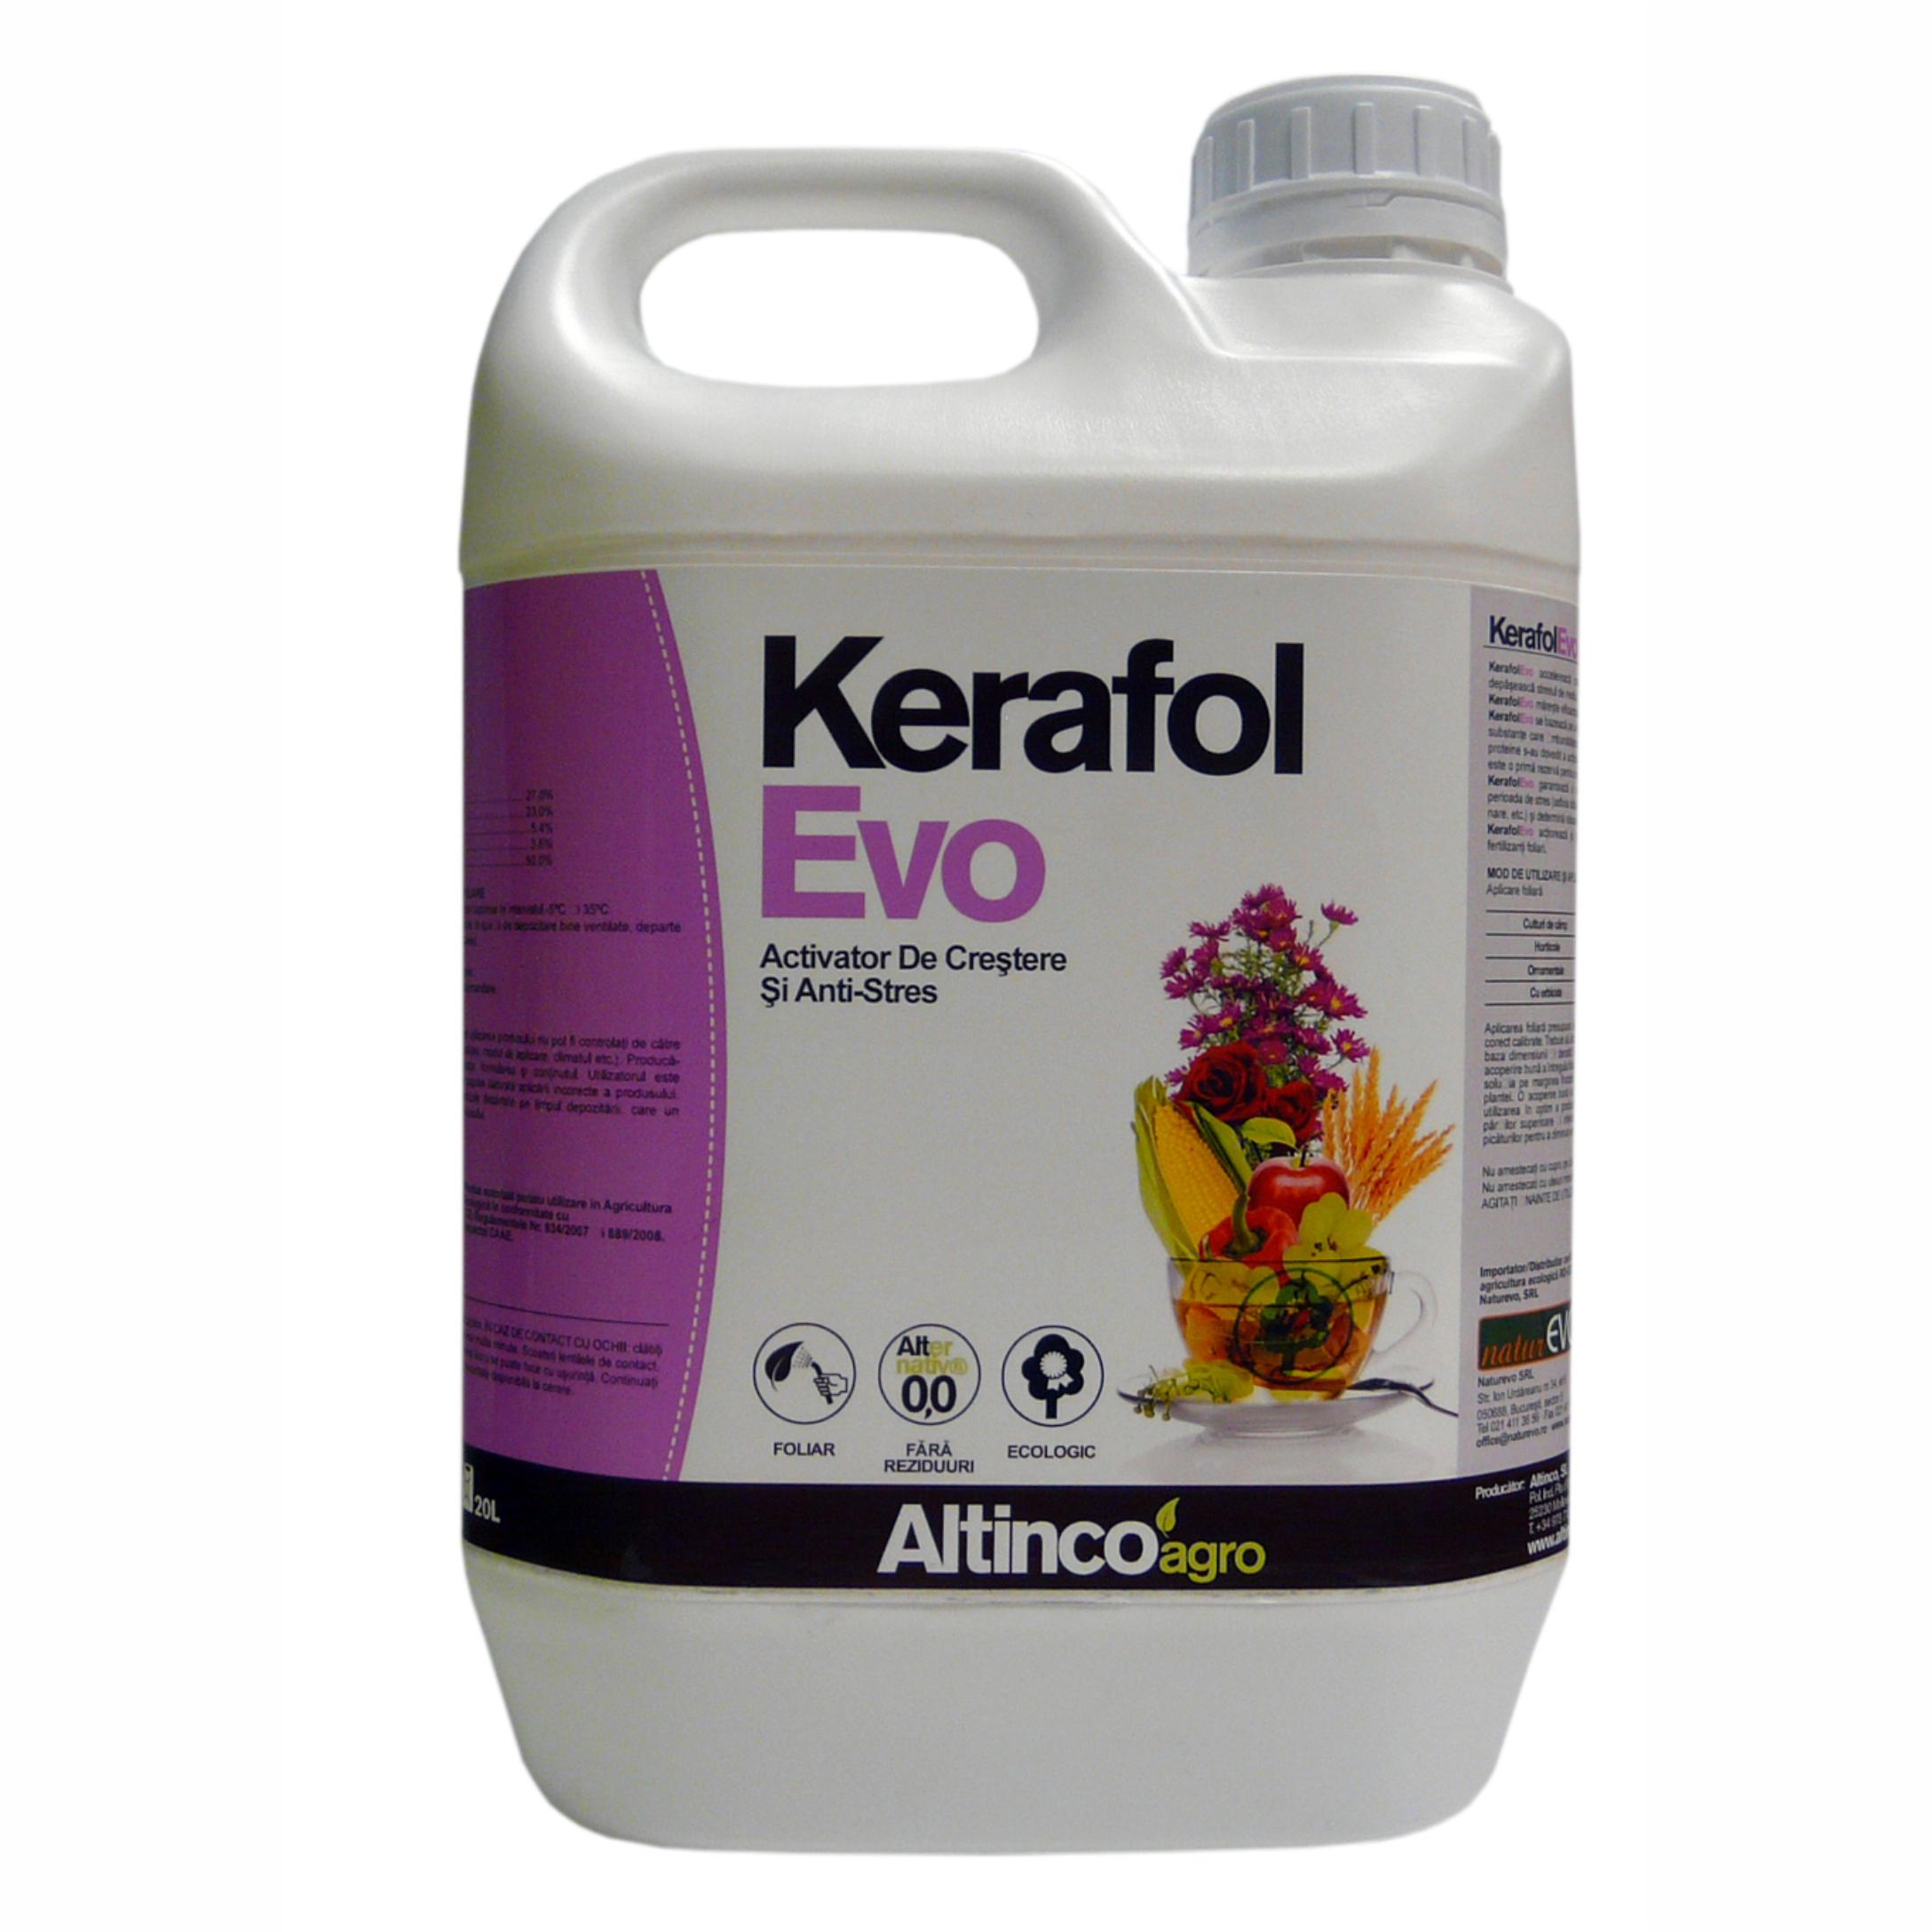 KERAFOL EVO - Activator de creştere